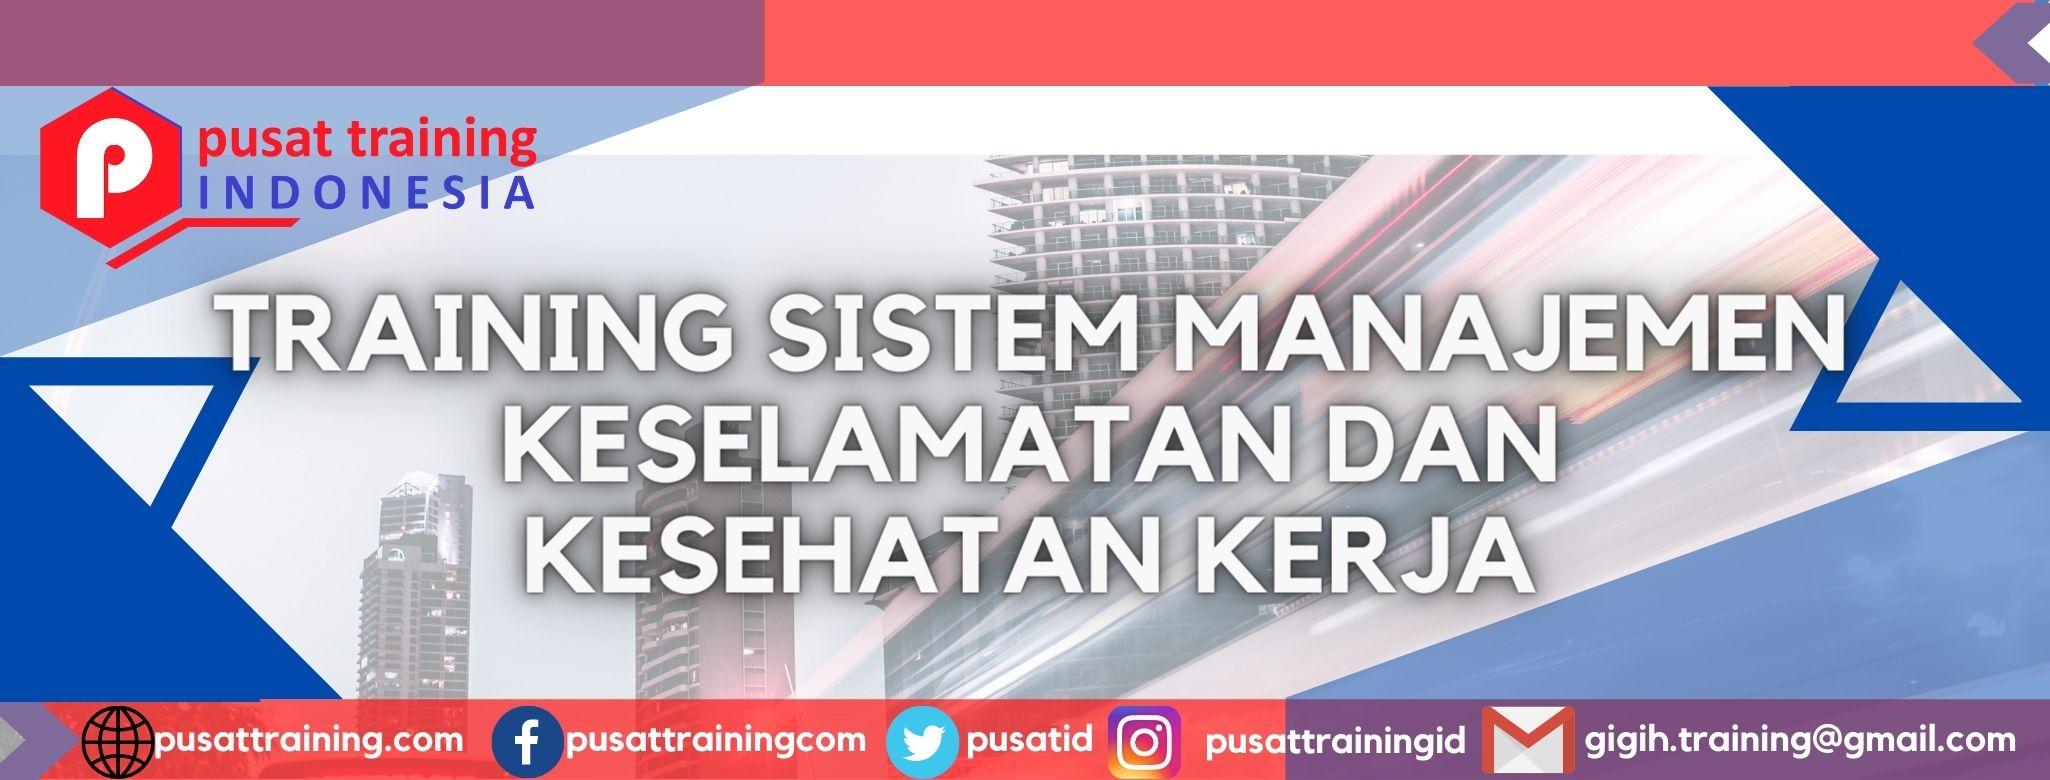 training-sistem-manajemen-keselamatan-dan-kesehatan-kerja